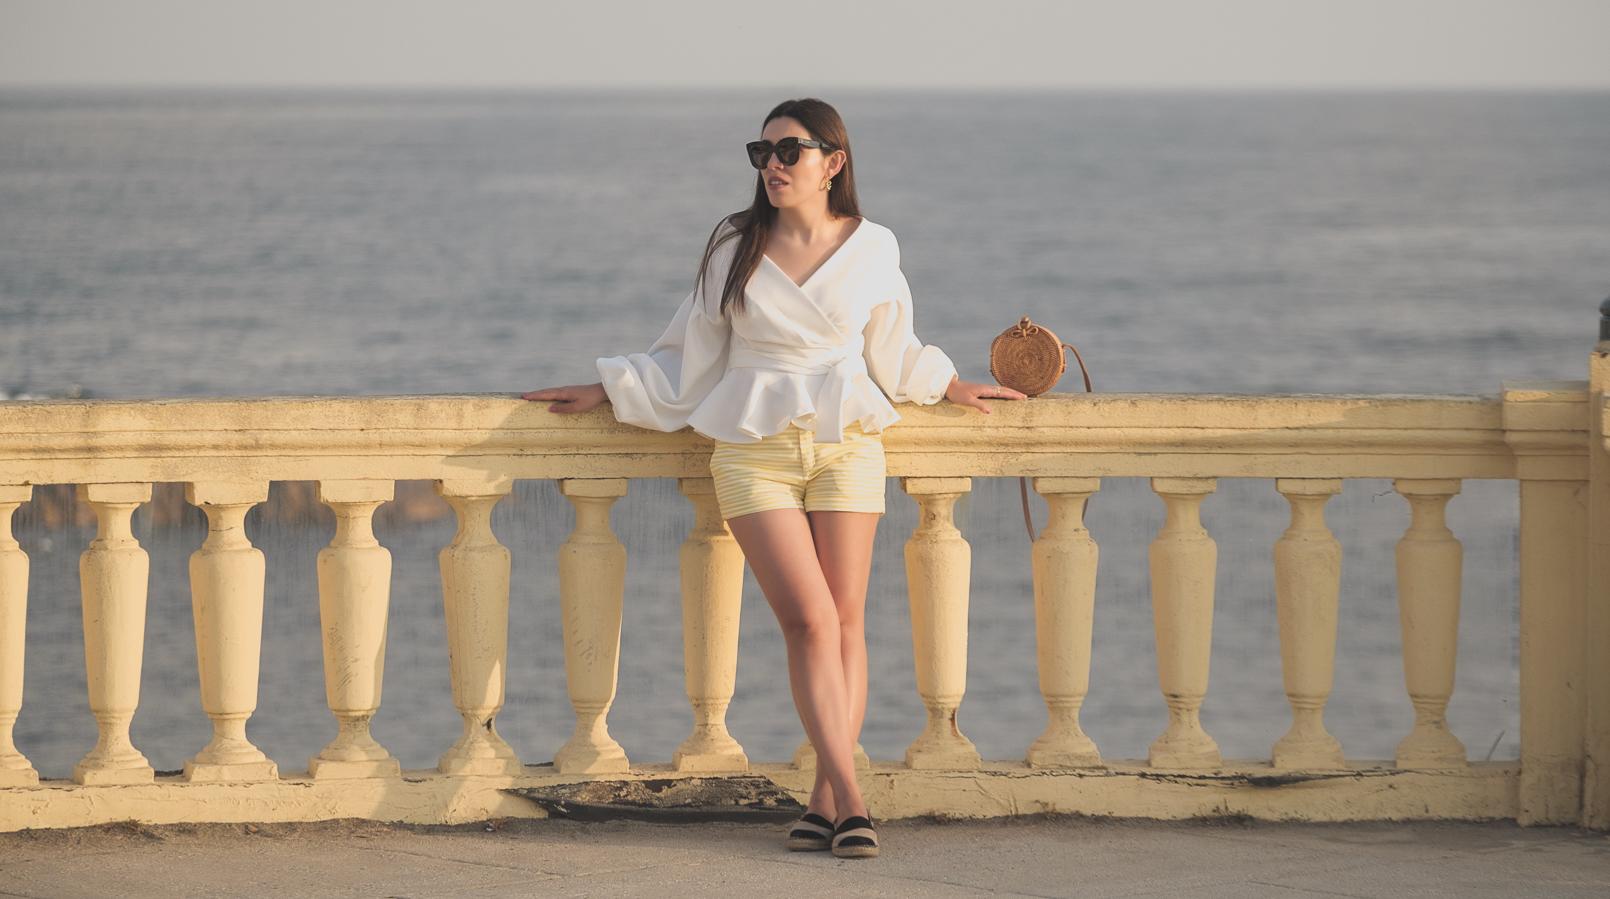 Le Fashionaire A camisa perfeita para usar até ao outono camisa branca shein calcoes amarelos brancos zara oculos sol pretos celine alpercatas pele riscas zara mala redonda rafia 1680F PT